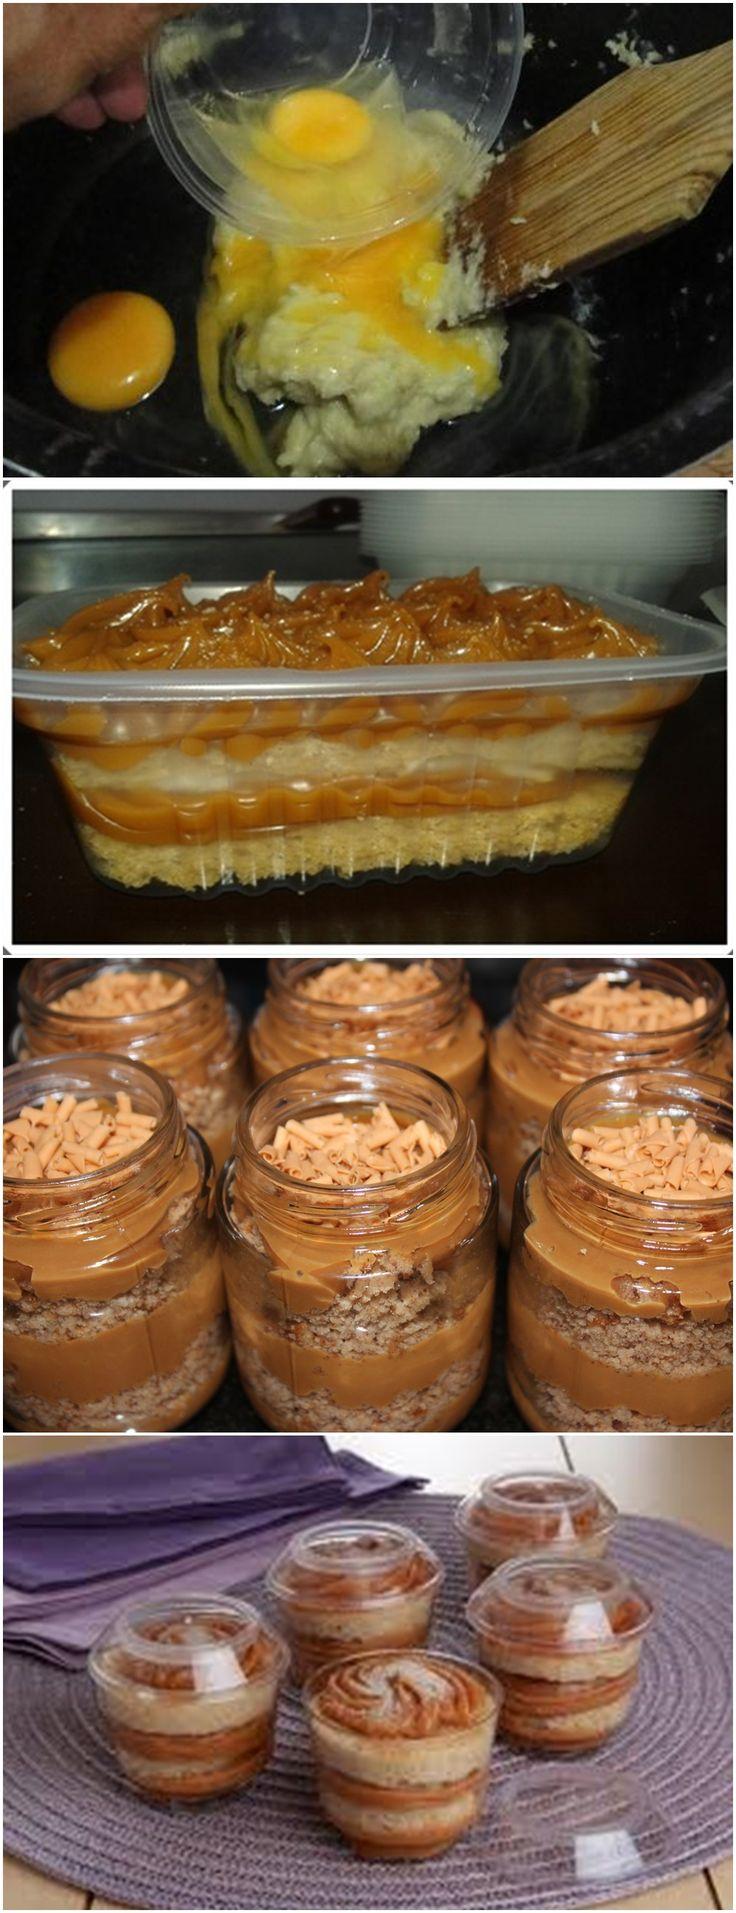 CHURROS NO POTE..UMA DELÍCIA E FÁCIL DE FAZER!! VEJA AQUI>>>Na batedeira, bata as claras em neve e reserve. Em outra tigela, ainda na batedeira, bata as gemas com a manteiga e o açúcar até formar um creme fofo. Intercale o leite, a canela e a farinha, sem parar de bater, até ficar homogêneo. #receita#bolo#torta#doce#sobremesa#aniversario#pudim#mousse#pave#Cheesecake#chocolate#confeitaria